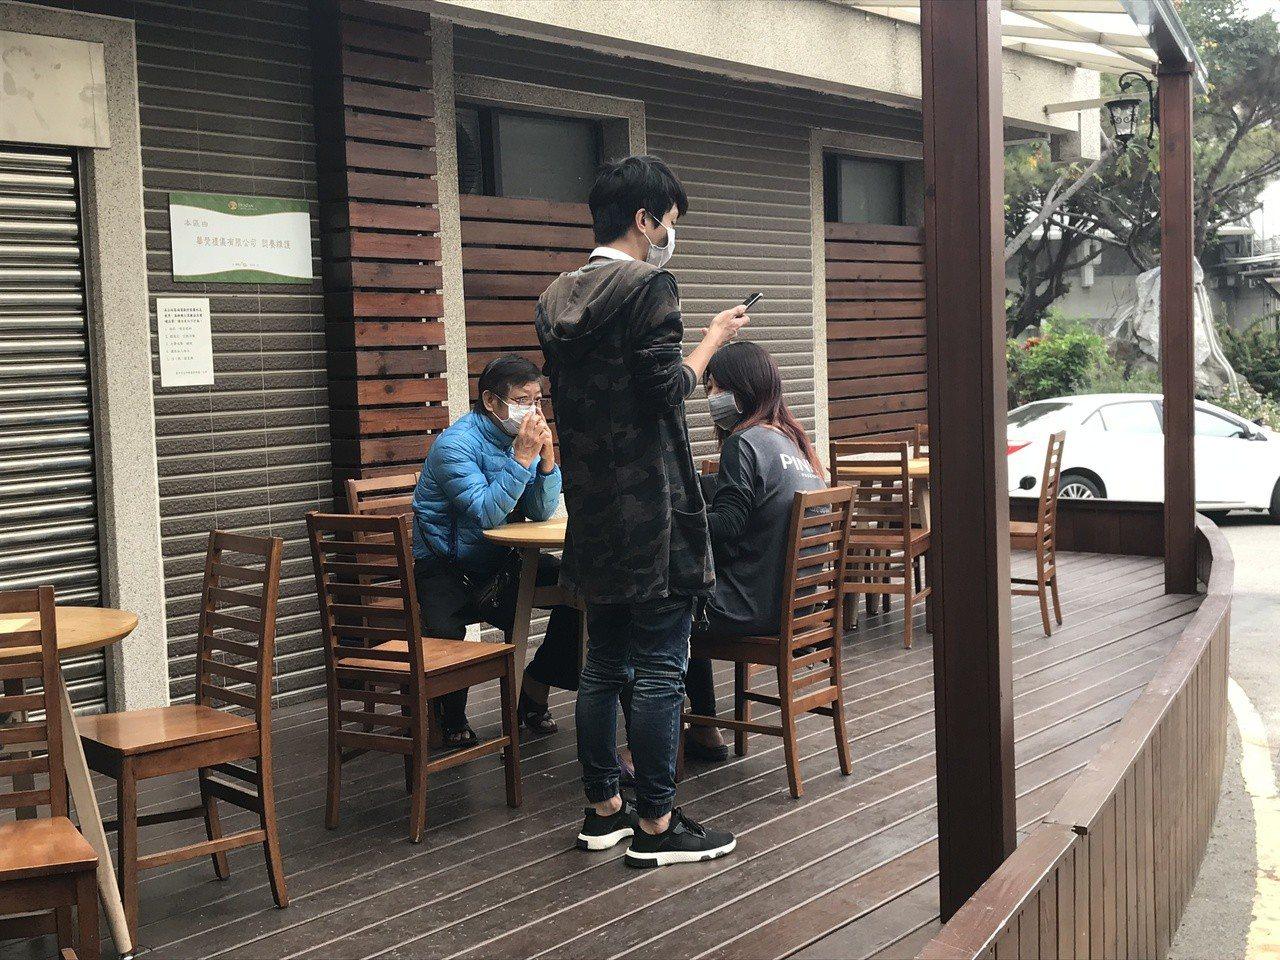 吳男家屬坐在室外休息區,與彭女家屬沒有互動。記者林佩均/攝影